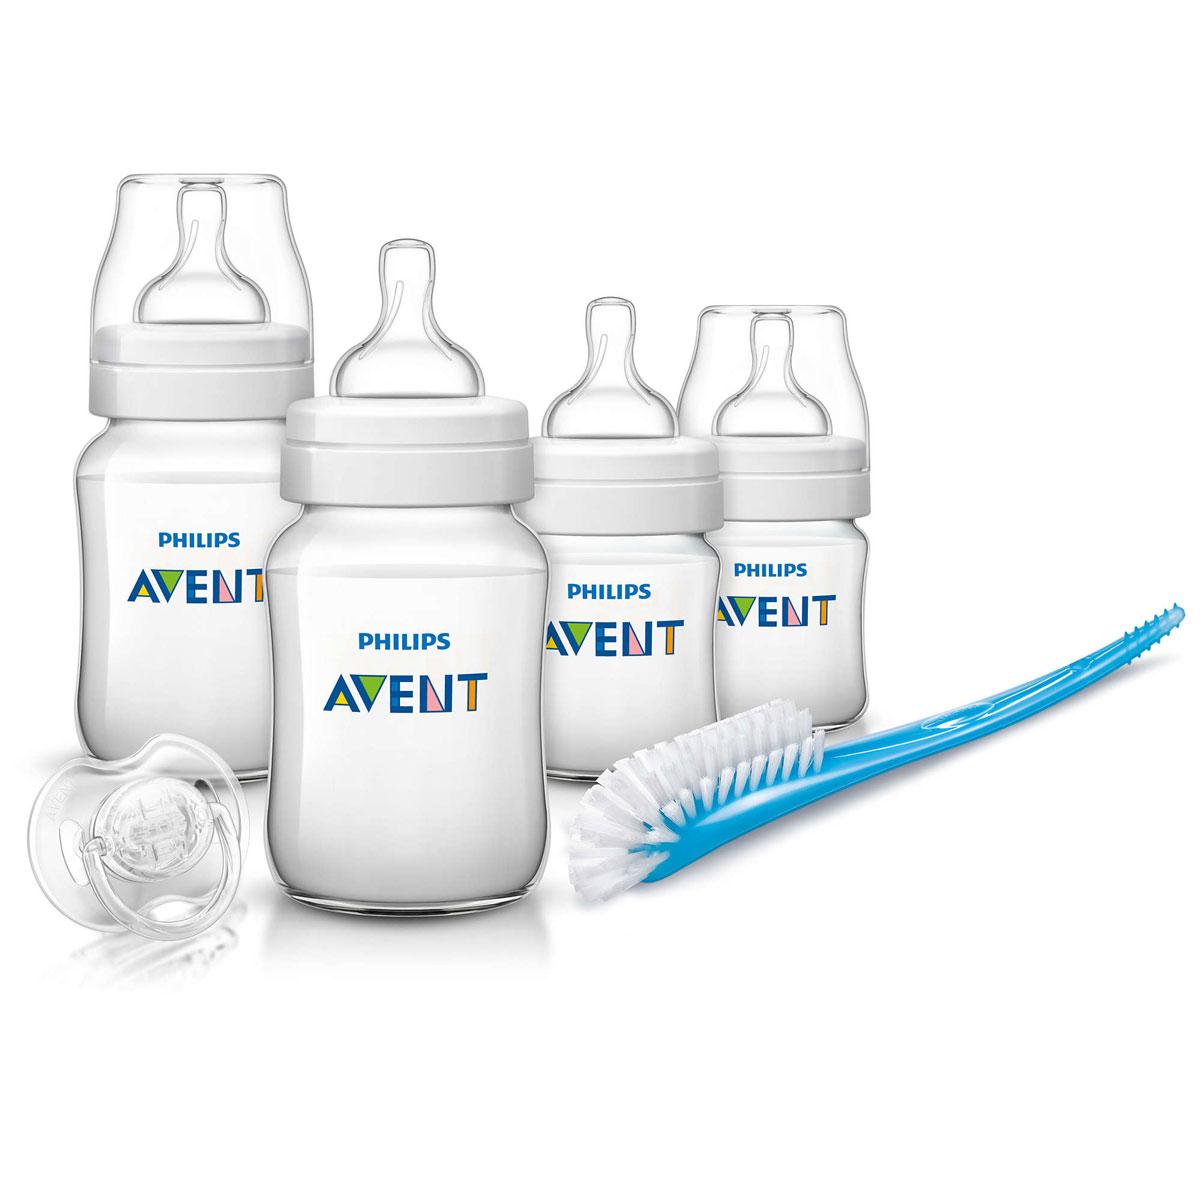 Philips Avent Набор для кормления Classic от 0 месяцев 6 предметовSCD371/00В набор для кормления Philips Avent входят 6 предметов - ершик для бутылочек и сосок, пустышка, 4 бутылочки для кормления. Все компоненты выполнены из качественного и безопасного материала, не содержат бисфенол А. Бутылочки имеют широкое горлышко, эргономичный дизайн и антиколиковую систему, эффективность которой клинически доказана. Ершик для бутылочек и сосок станет незаменимым атрибутом ухода за детскими бутылочками. Ершик имеет особую изогнутую форму и литую ручку, поэтому с ее помощью можно чистить бутылочки и соски любых типов, а также другие принадлежности для кормления. Силиконовая пустышка сгибается в соответствии с ритмом кормления.